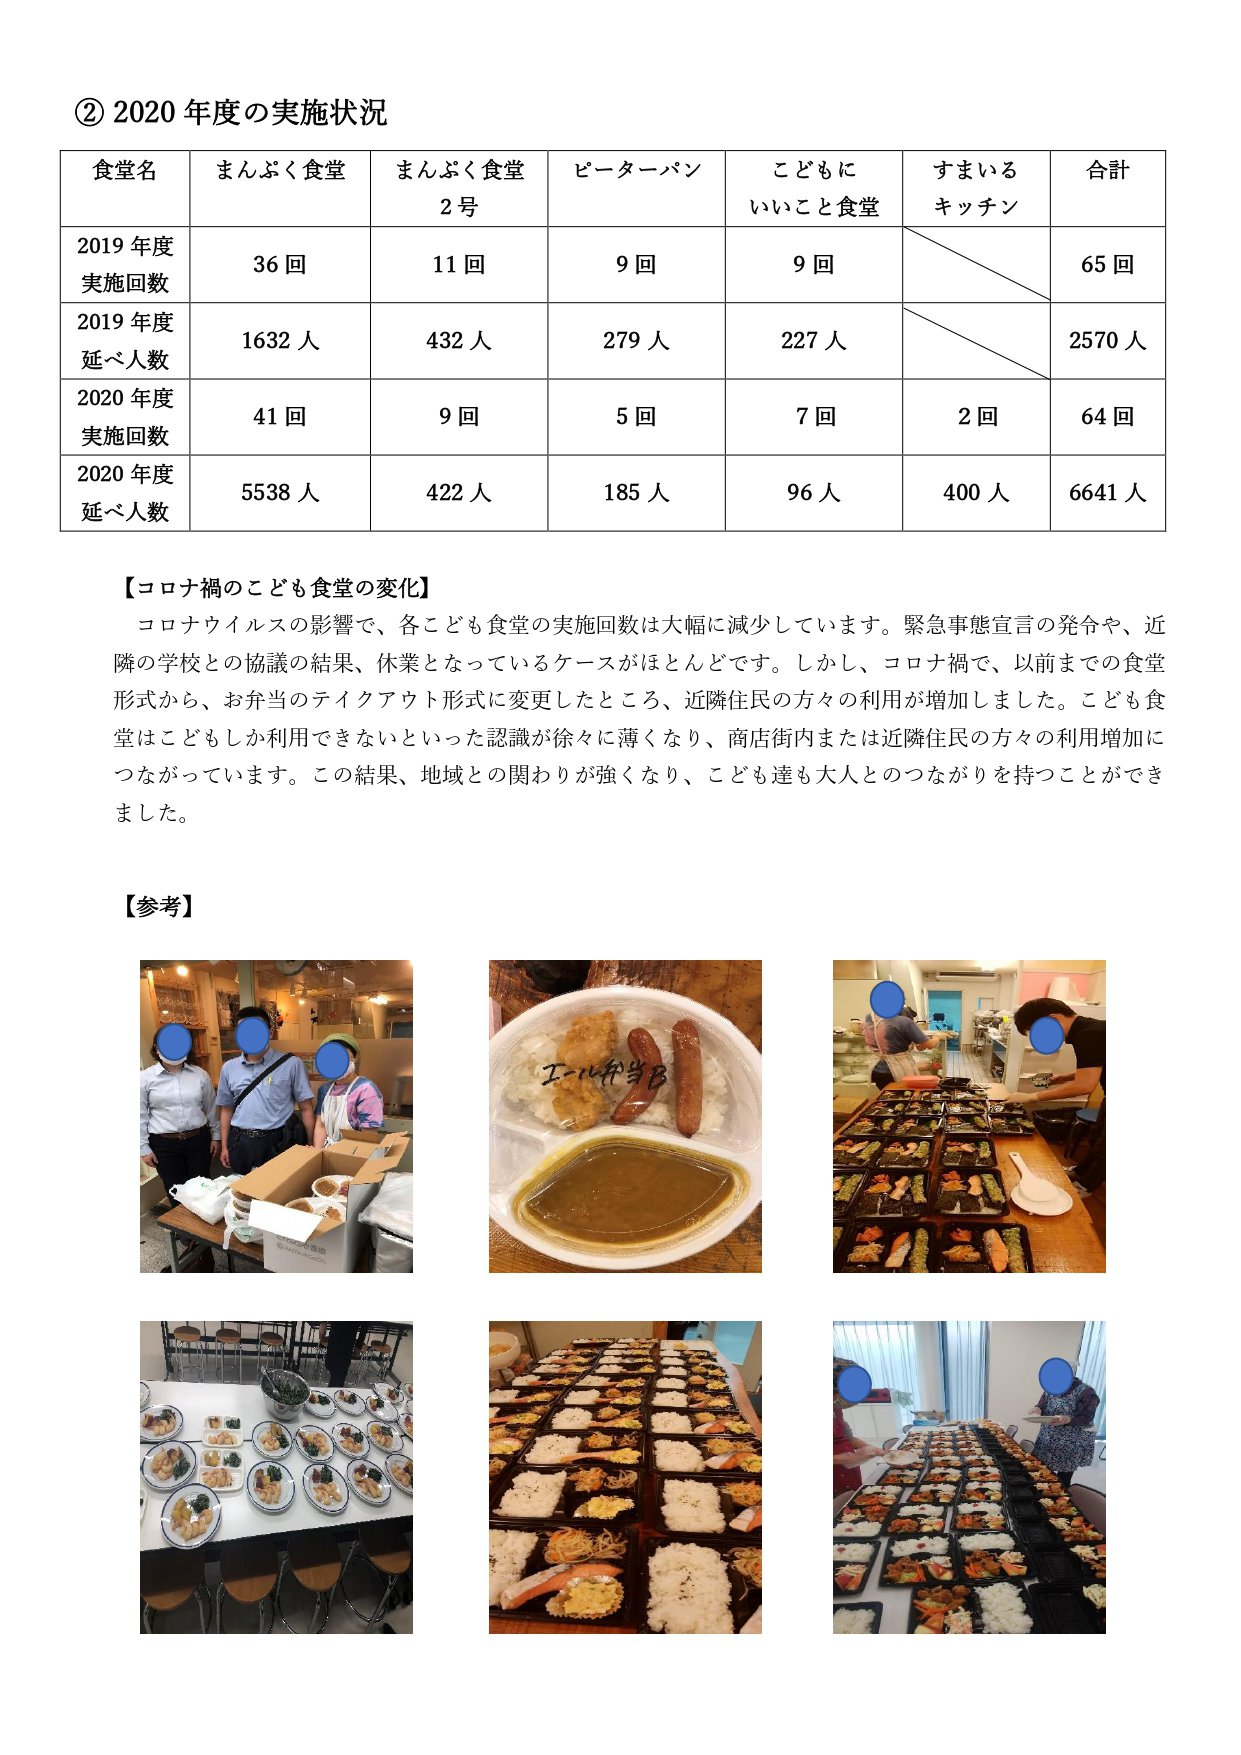 2020年度こども食堂報告書_page-0003.jpg